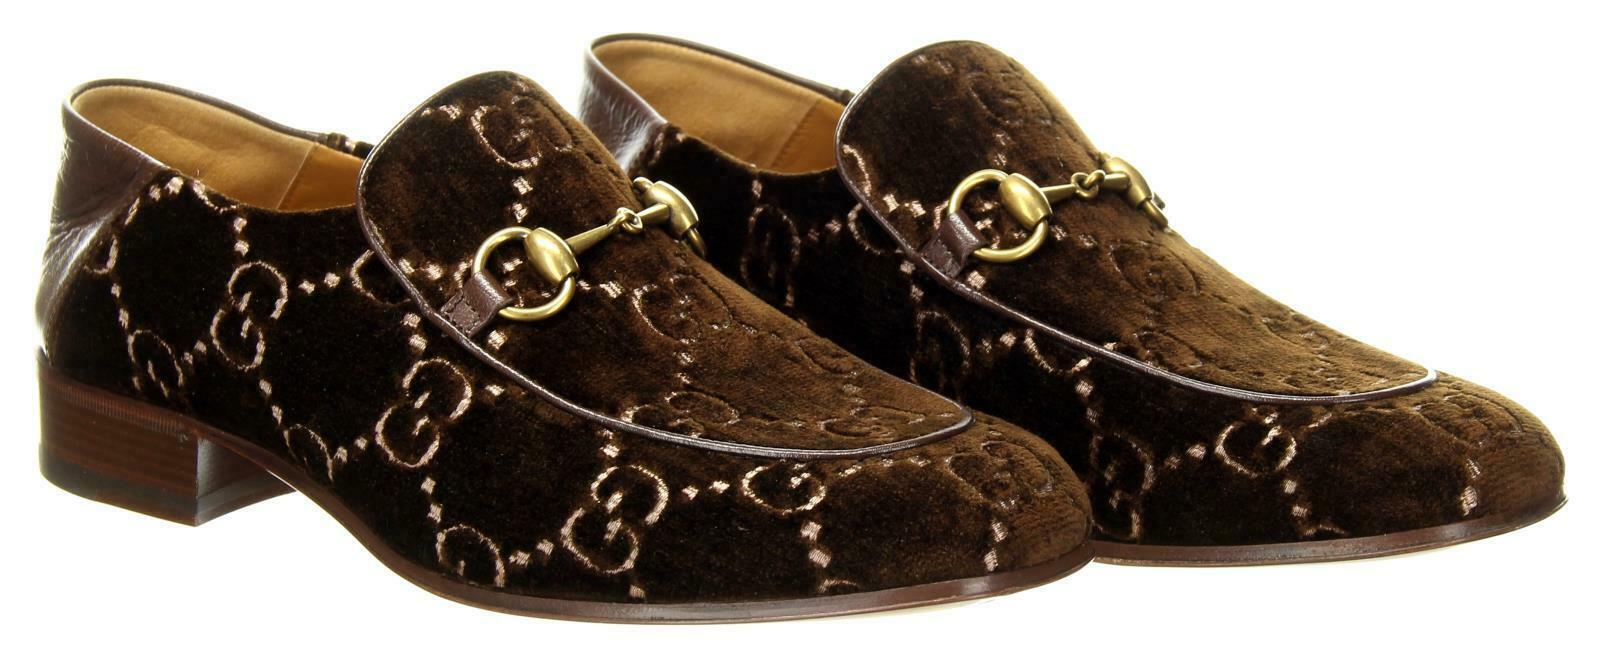 accef72ec S l1600. S l1600. Previous. Gucci Men's Quentin Horsebit Buckle Velvet  Loafers Shoes Brown US 8 Gucci Size 7